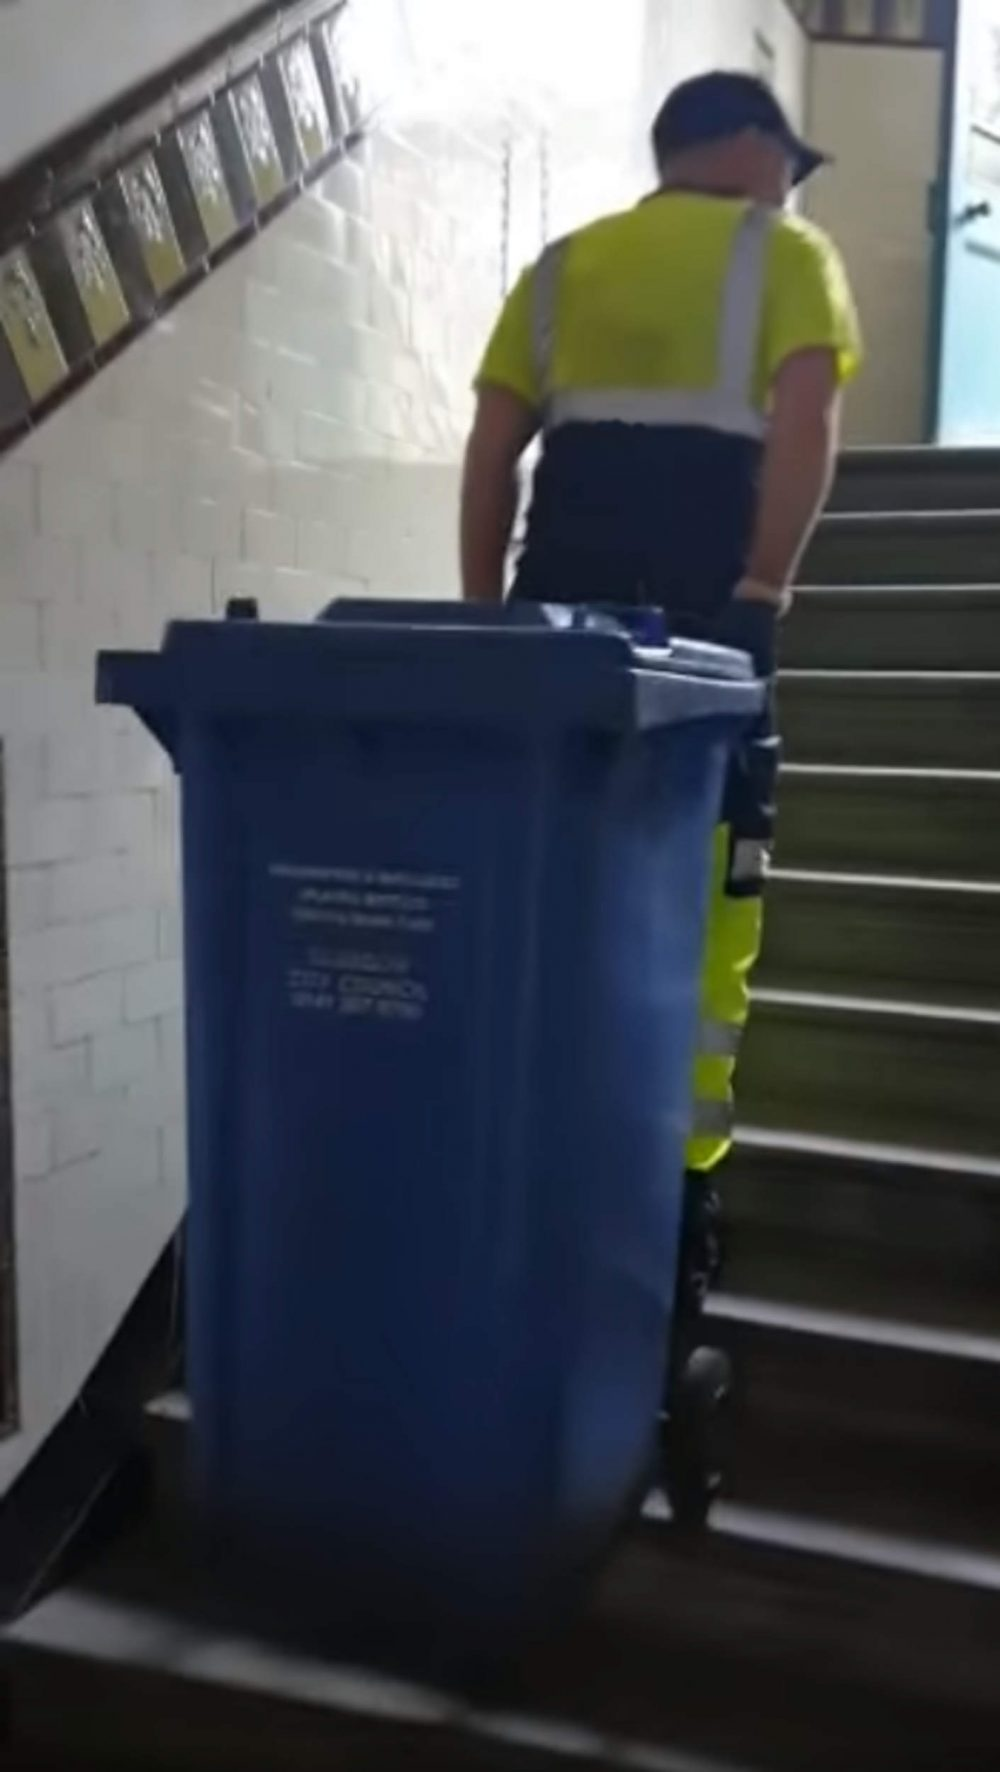 Chris Mitchell dragging bin upstairs - Scottish News